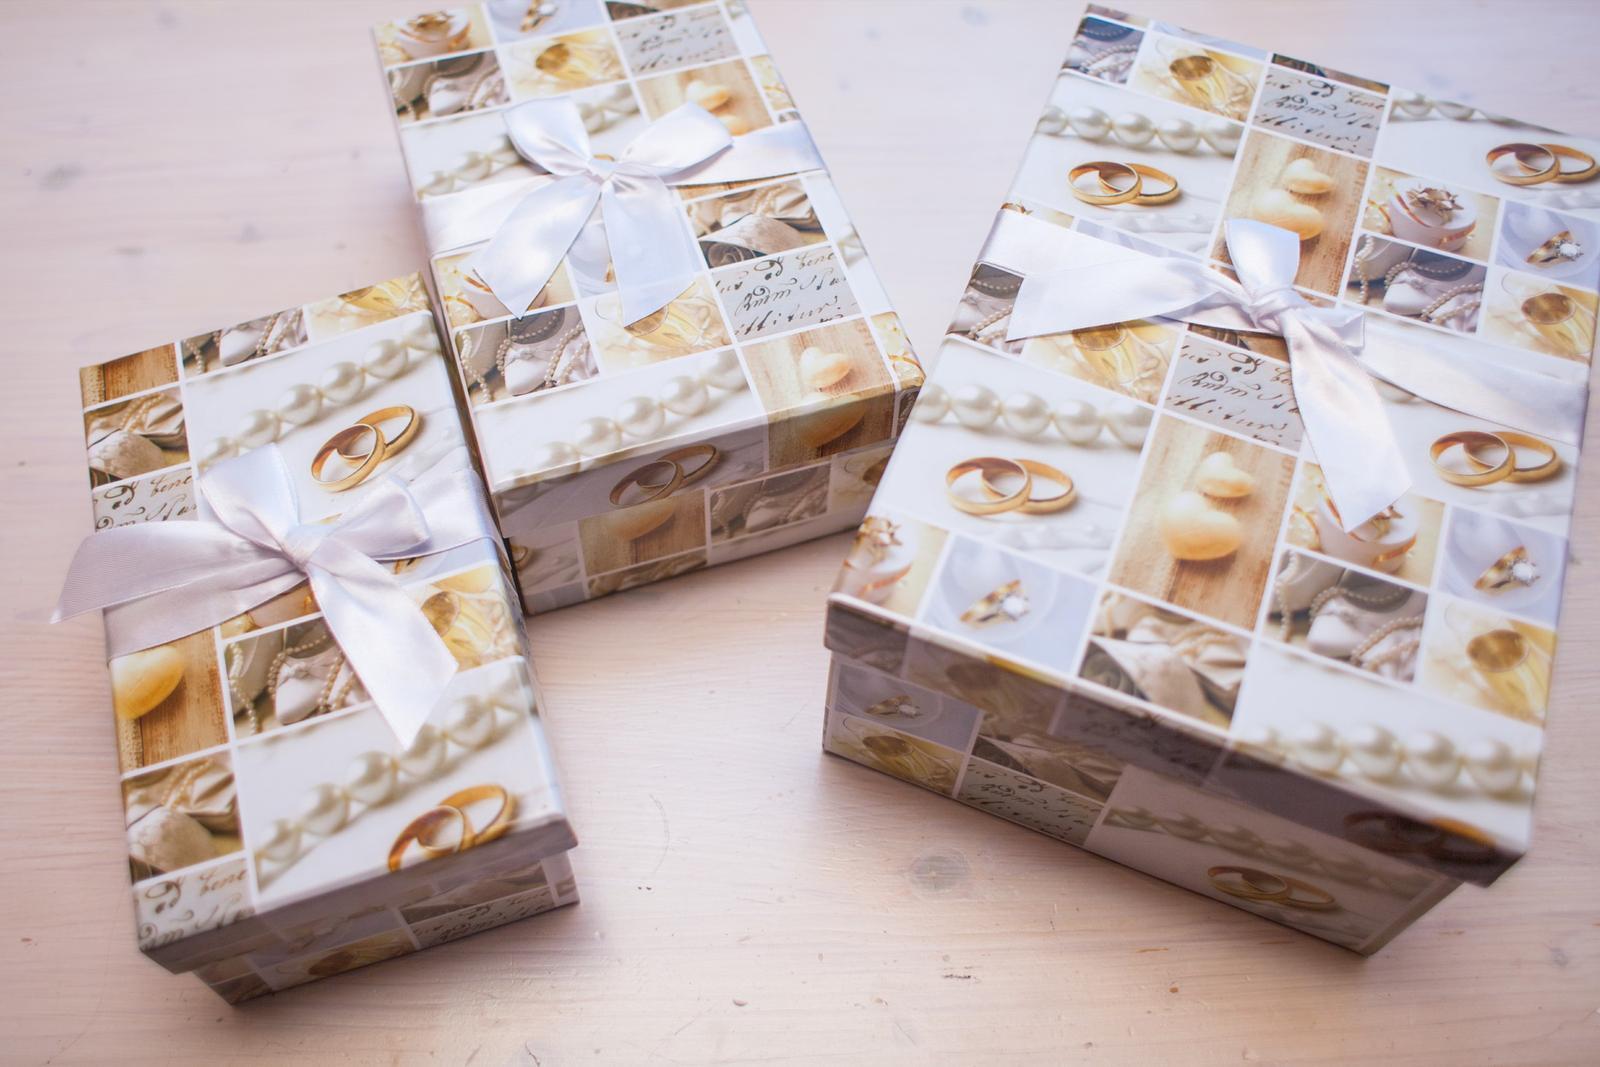 Krabičky s prstýnky - Obrázek č. 1